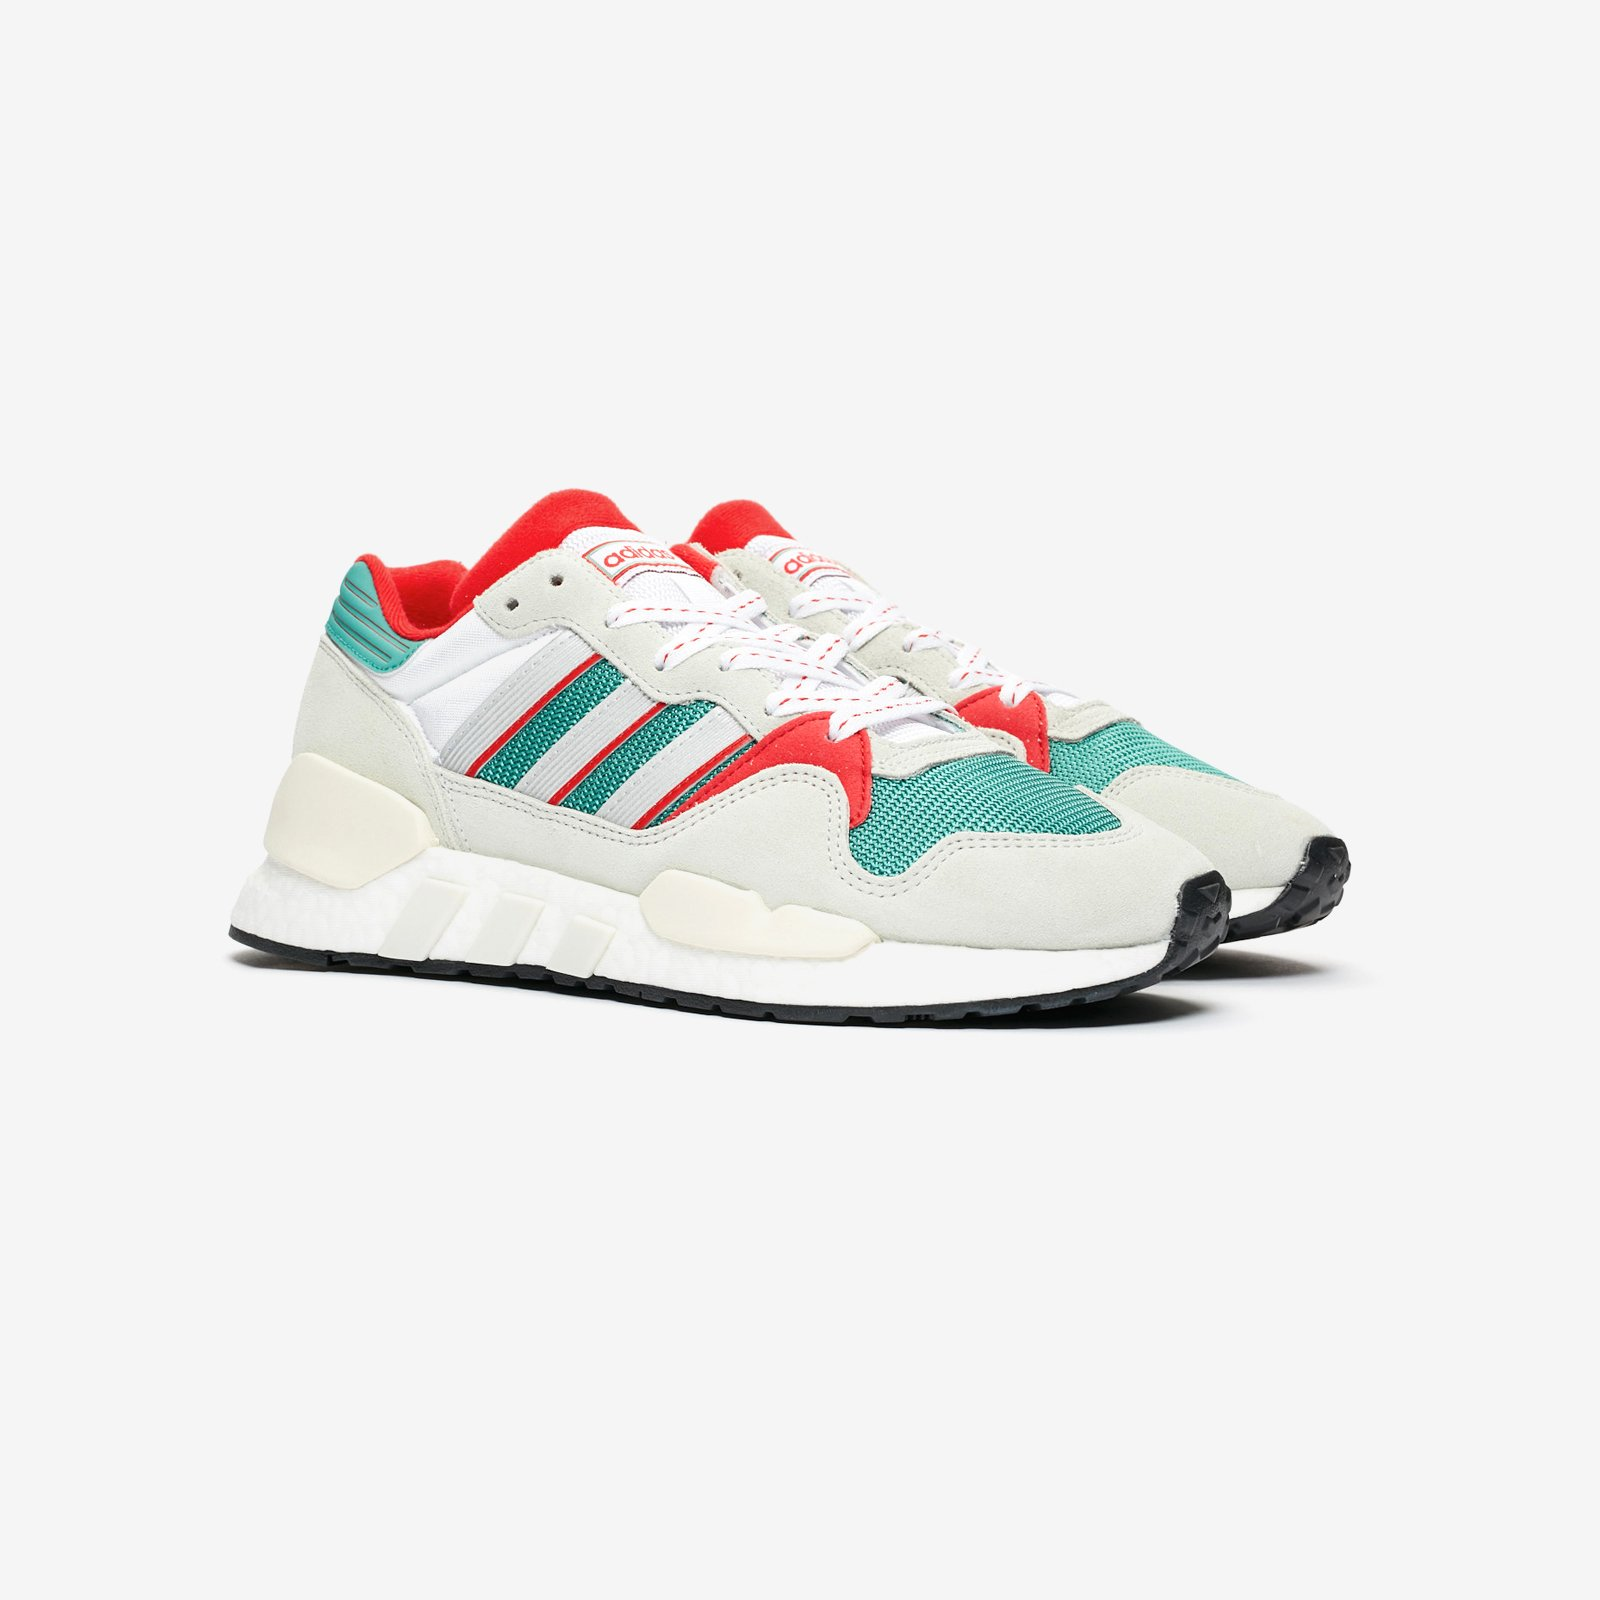 hot sale online e5db7 d6d1a adidas ZX930 x EQT - G26806 - Sneakersnstuff | sneakers ...